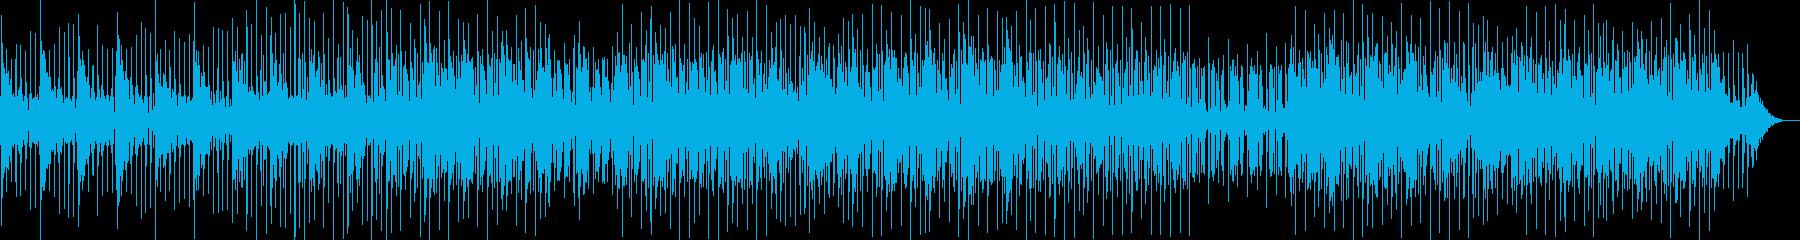 おしゃれで大人っぽいメロディーの再生済みの波形